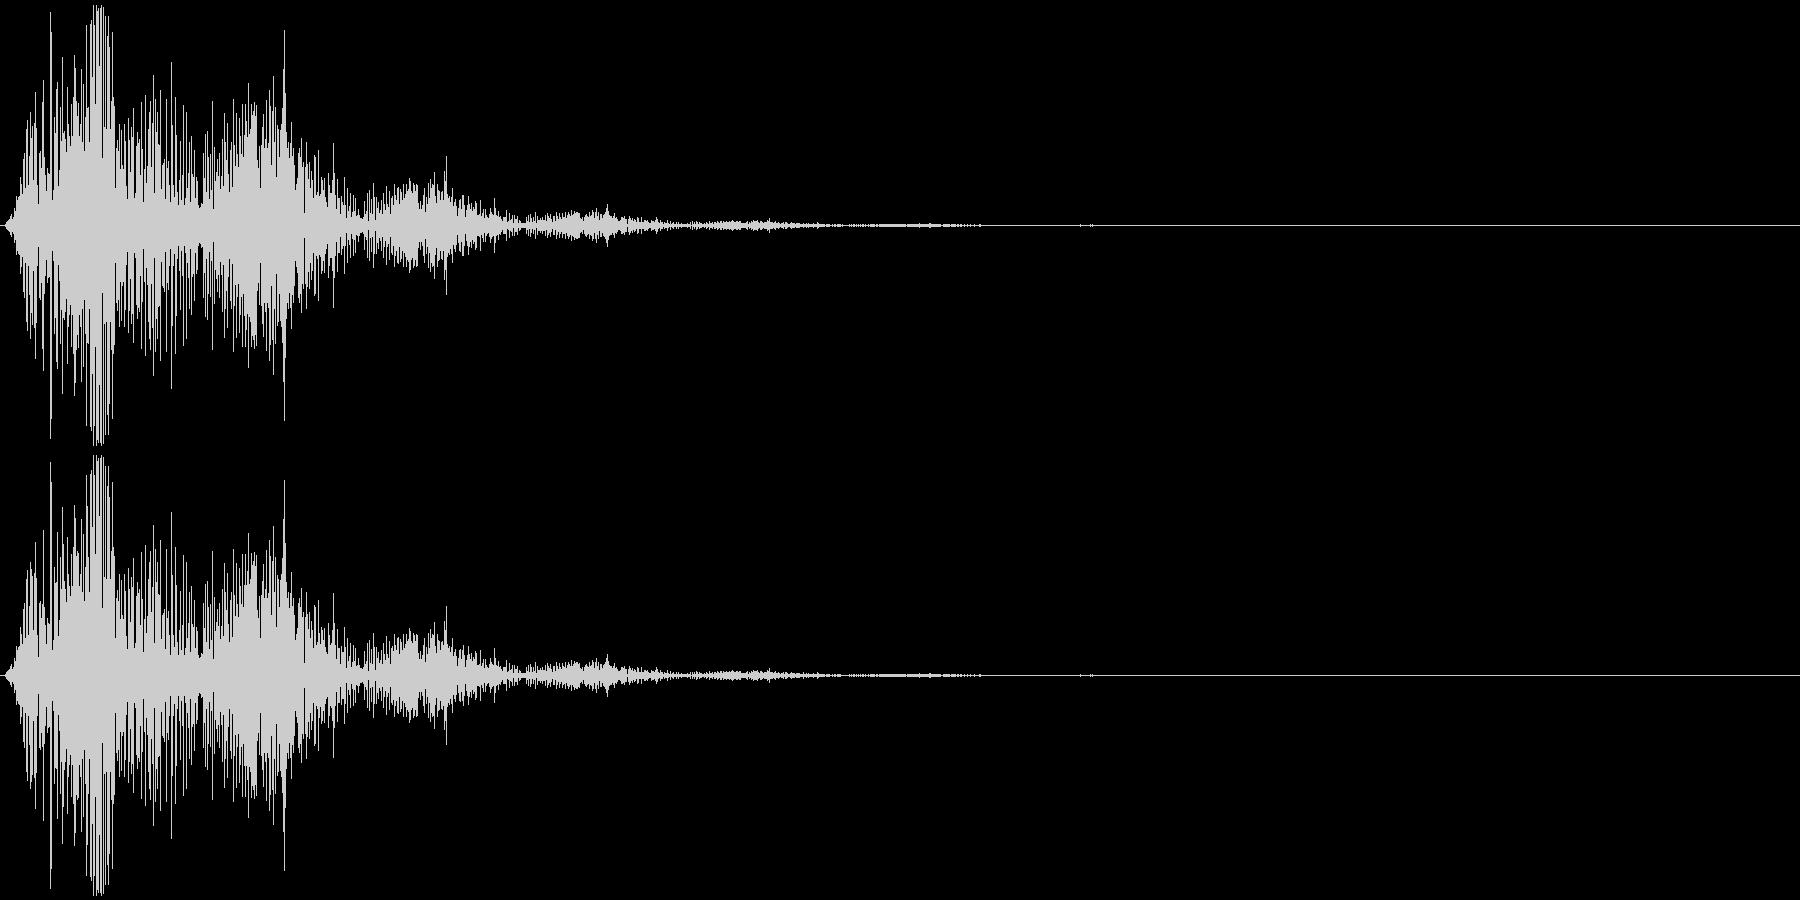 飛び跳ねるイメージの擬音です。非リアル…の未再生の波形